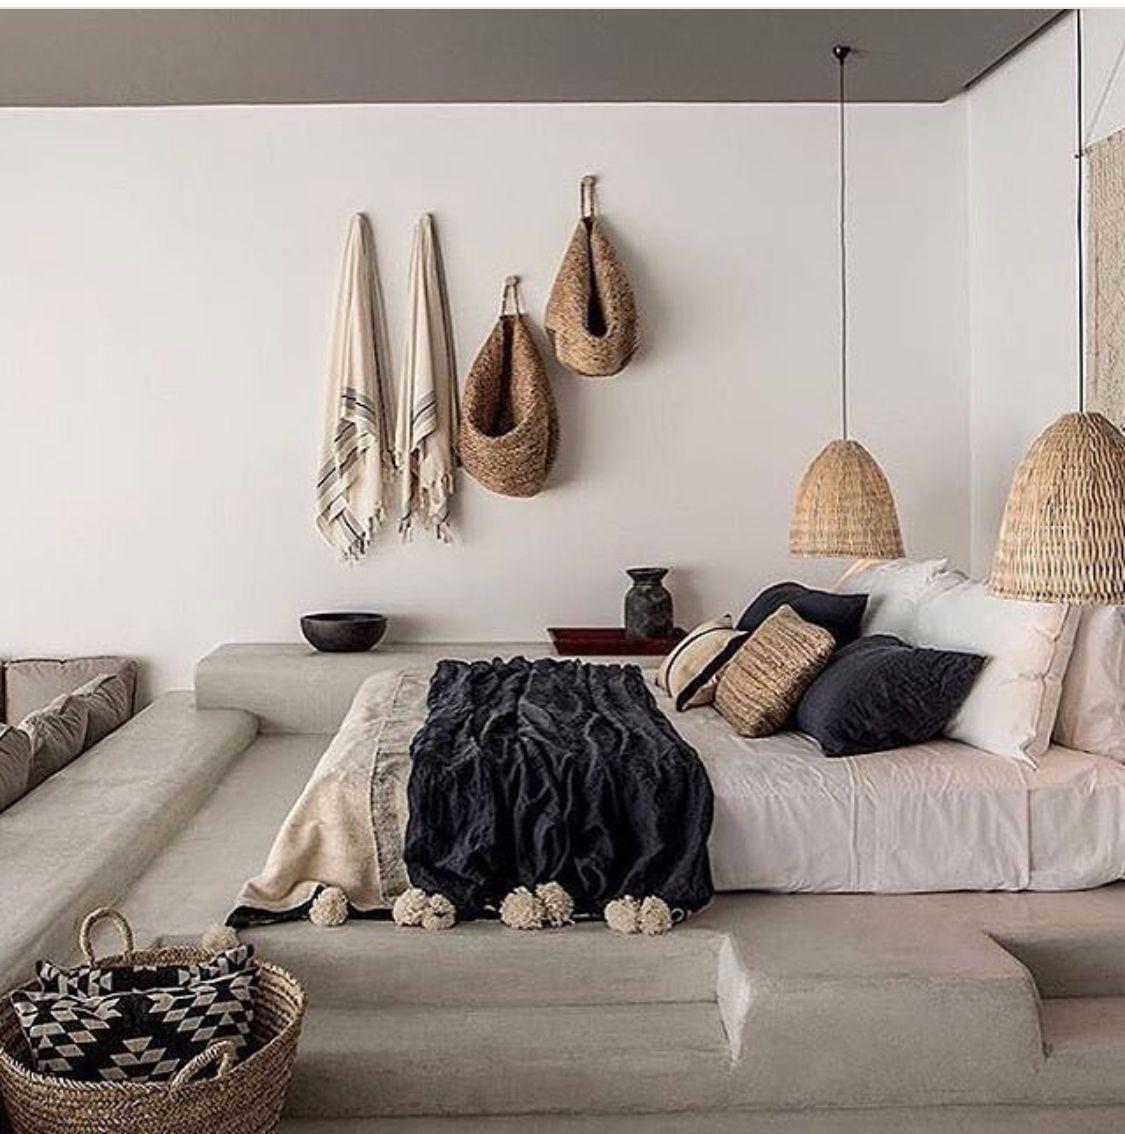 Innenarchitektur für zuhause tub surround like this  dream house room ideas  pinterest